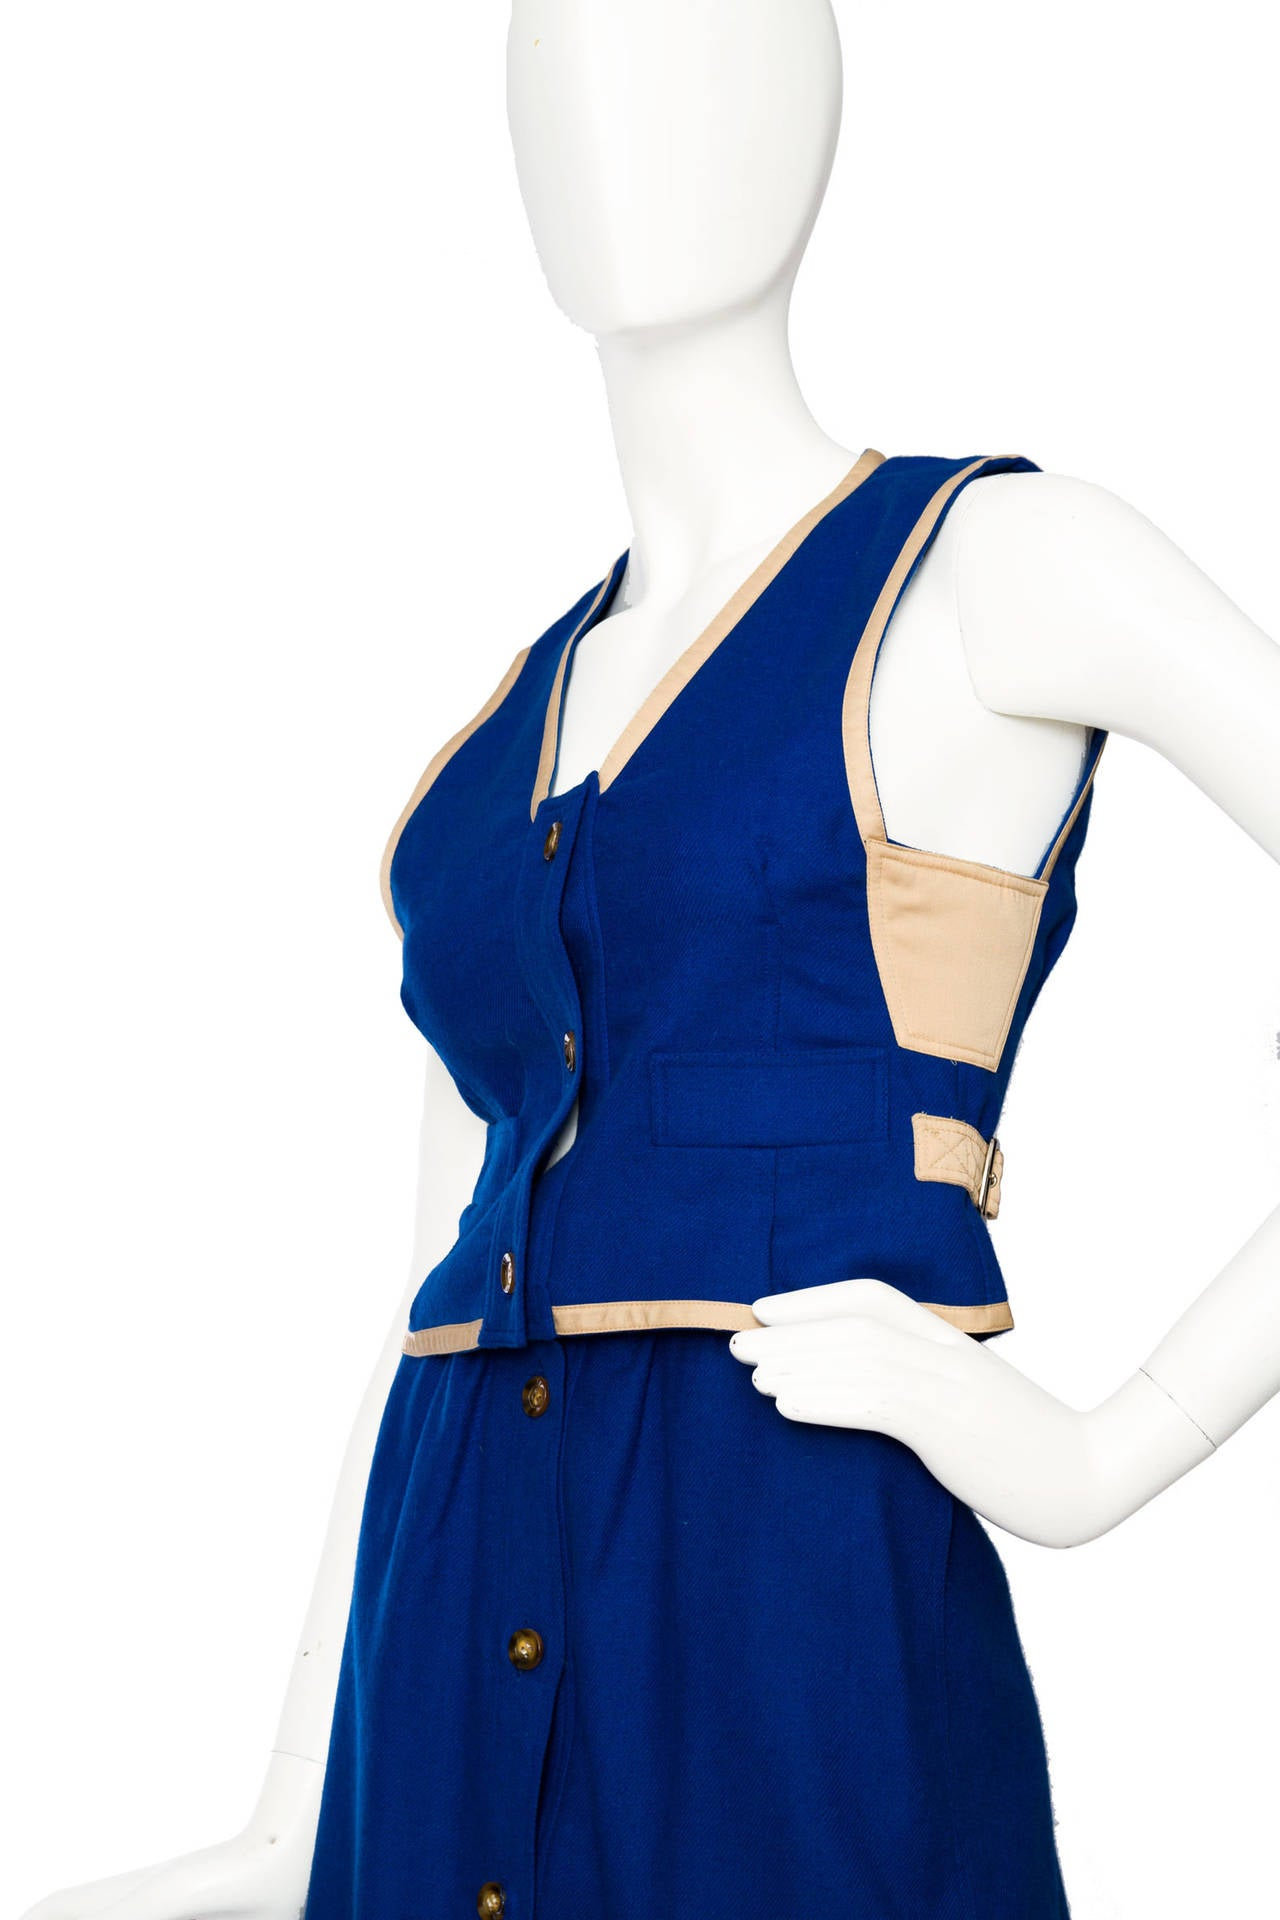 Rare 1960s Courrèges Electric Blue Wool Vest & Skirt Ensemble For Sale 3